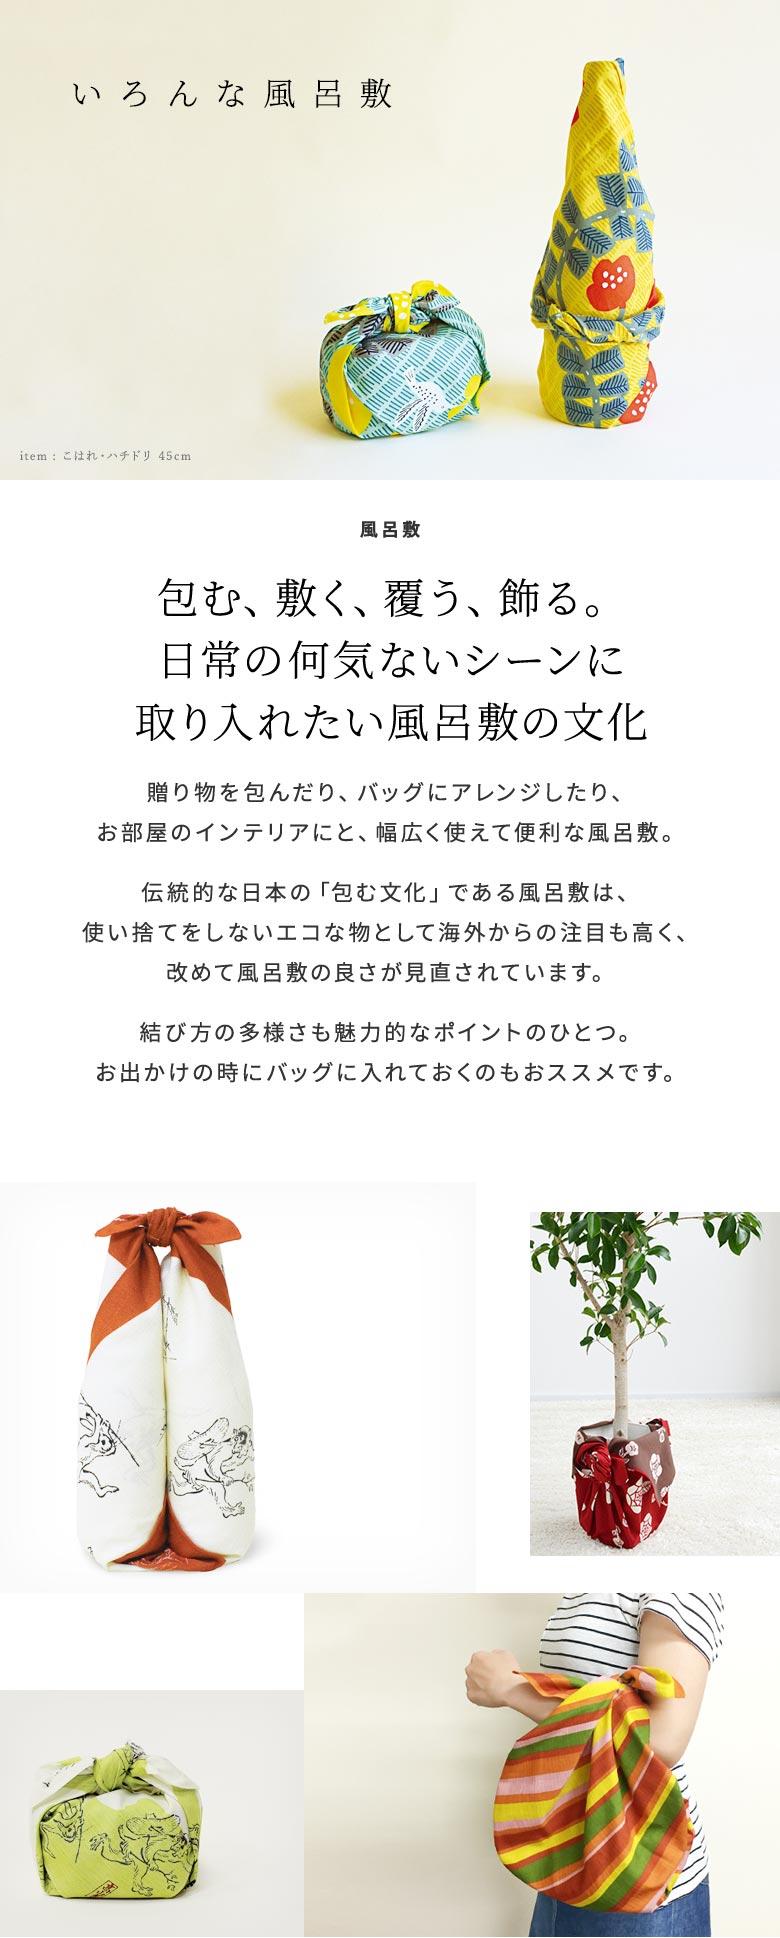 がま口の専門店あやの小路「いろんな風呂敷(ふろしき)」 メインイメージ こはれ・ハチドリ 45cm 風呂敷 包む、敷く、覆う、飾る。日常の何気ないシーンに取り入れたい風呂敷の文化。贈り物を包んだり、バッグにアレンジしたり、お部屋のインテリアにと、幅広く使えて便利な風呂敷。伝統的な日本の「包む文化」である風呂敷は、使い捨てをしないエコな物として海外からの注目も高く、改めて風呂敷の良さが見直されています。結び方の多様さも魅力的なポイントのひとつ。お出かけの時にバッグに入れておくのもおススメです。